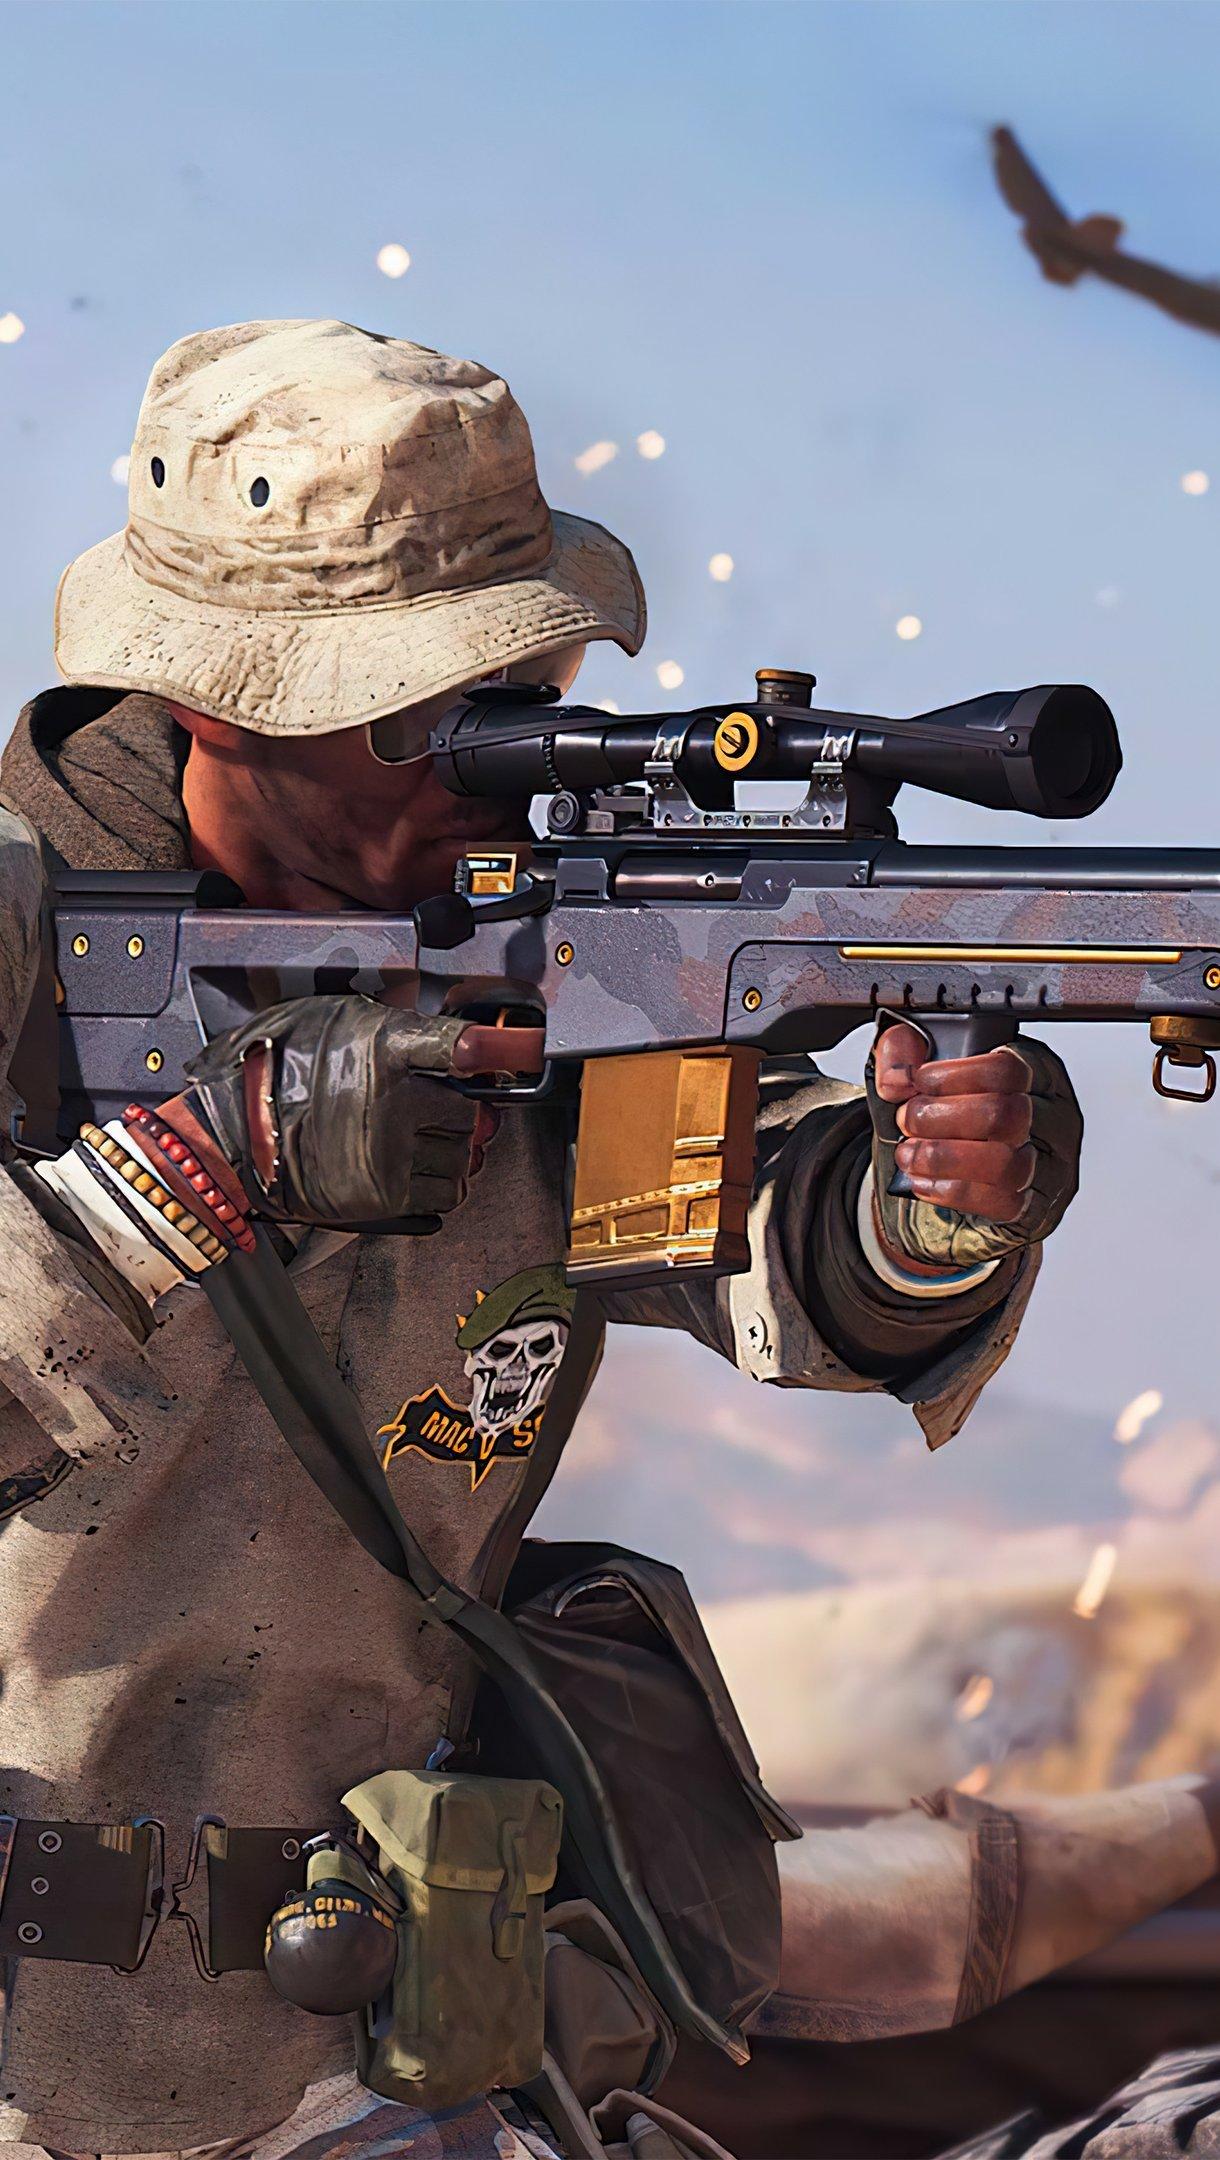 Fondos de pantalla Call of Duty Black Ops Cold War Sniper Vertical